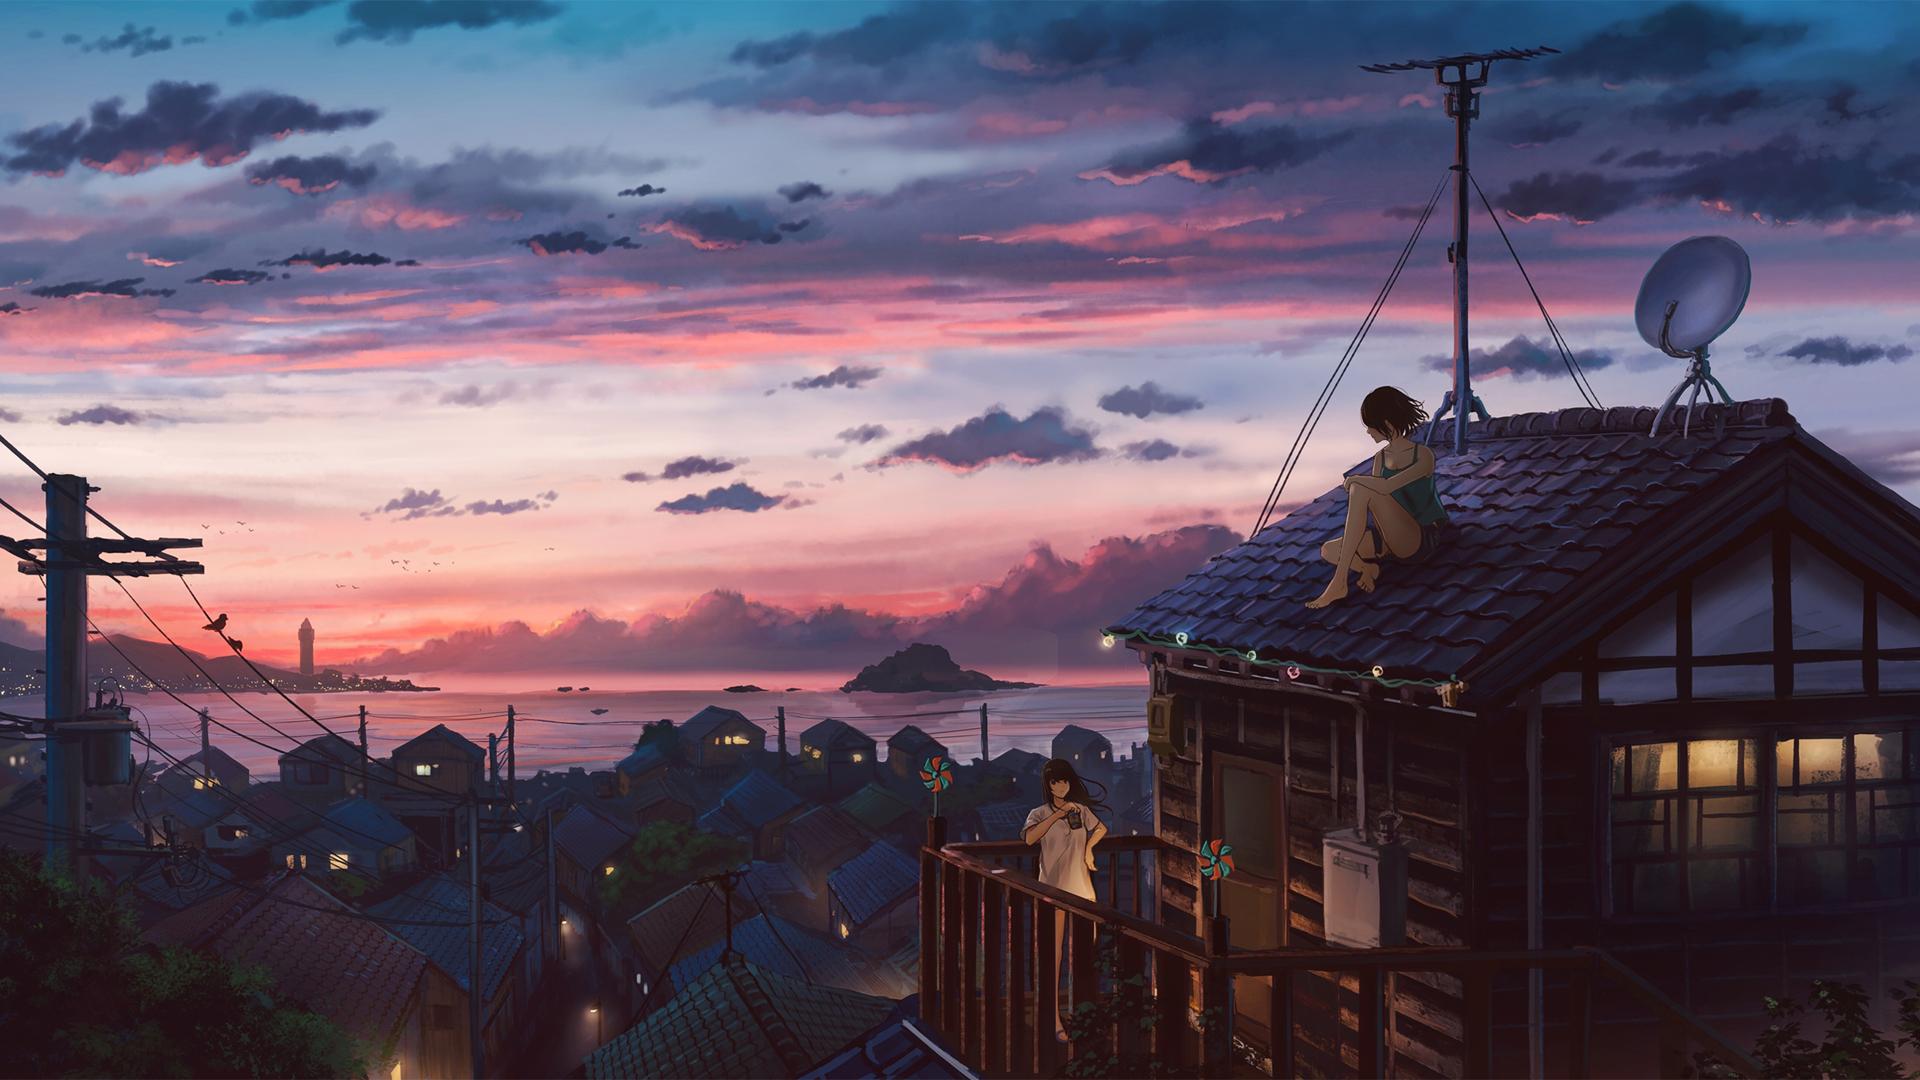 海边的小镇 坐在屋顶的女孩 唯美动漫风景壁纸